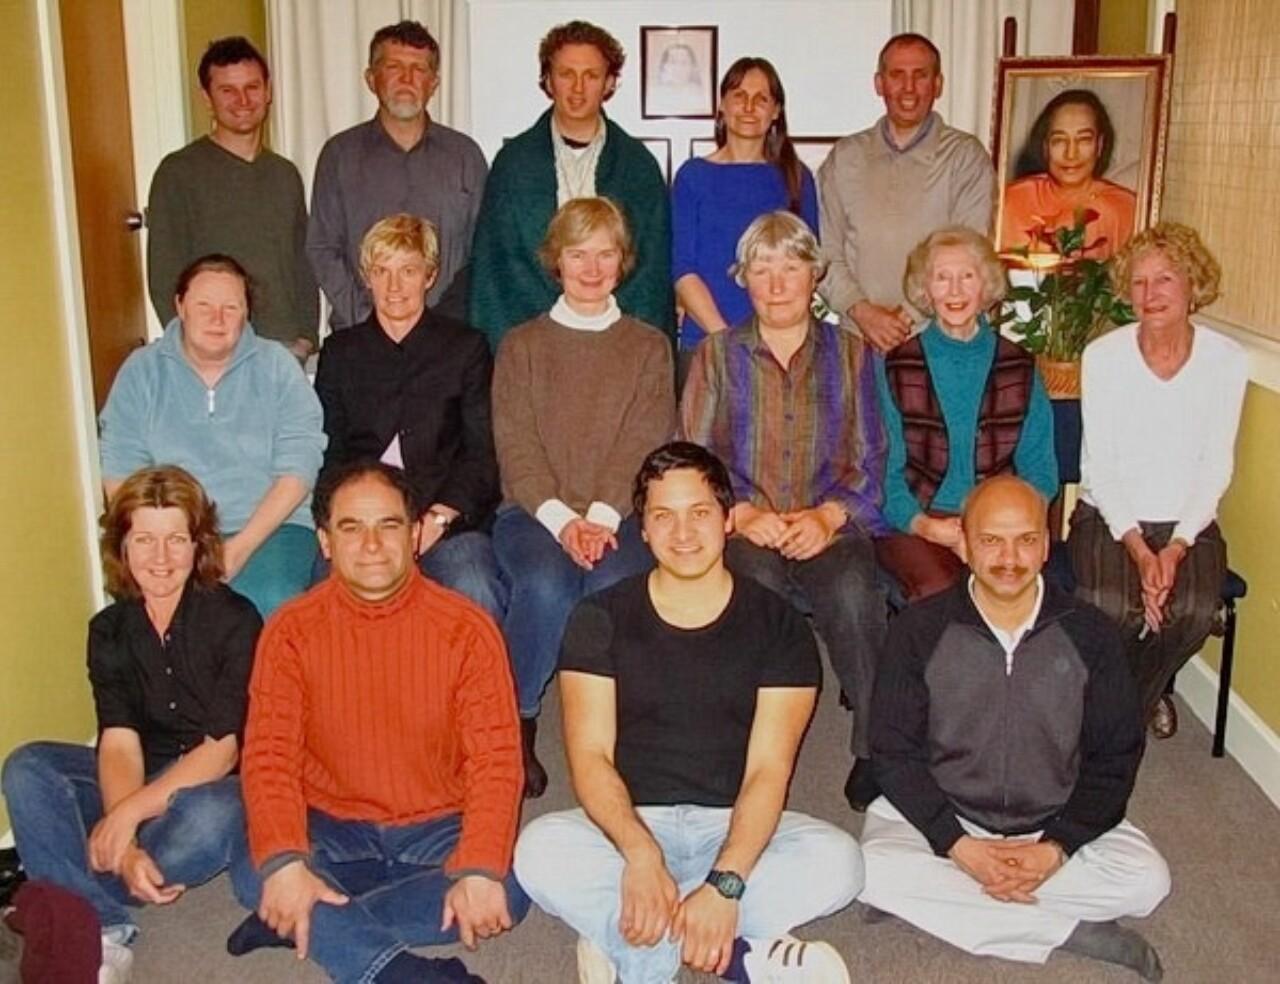 2008 Christchurch New Zealand Group